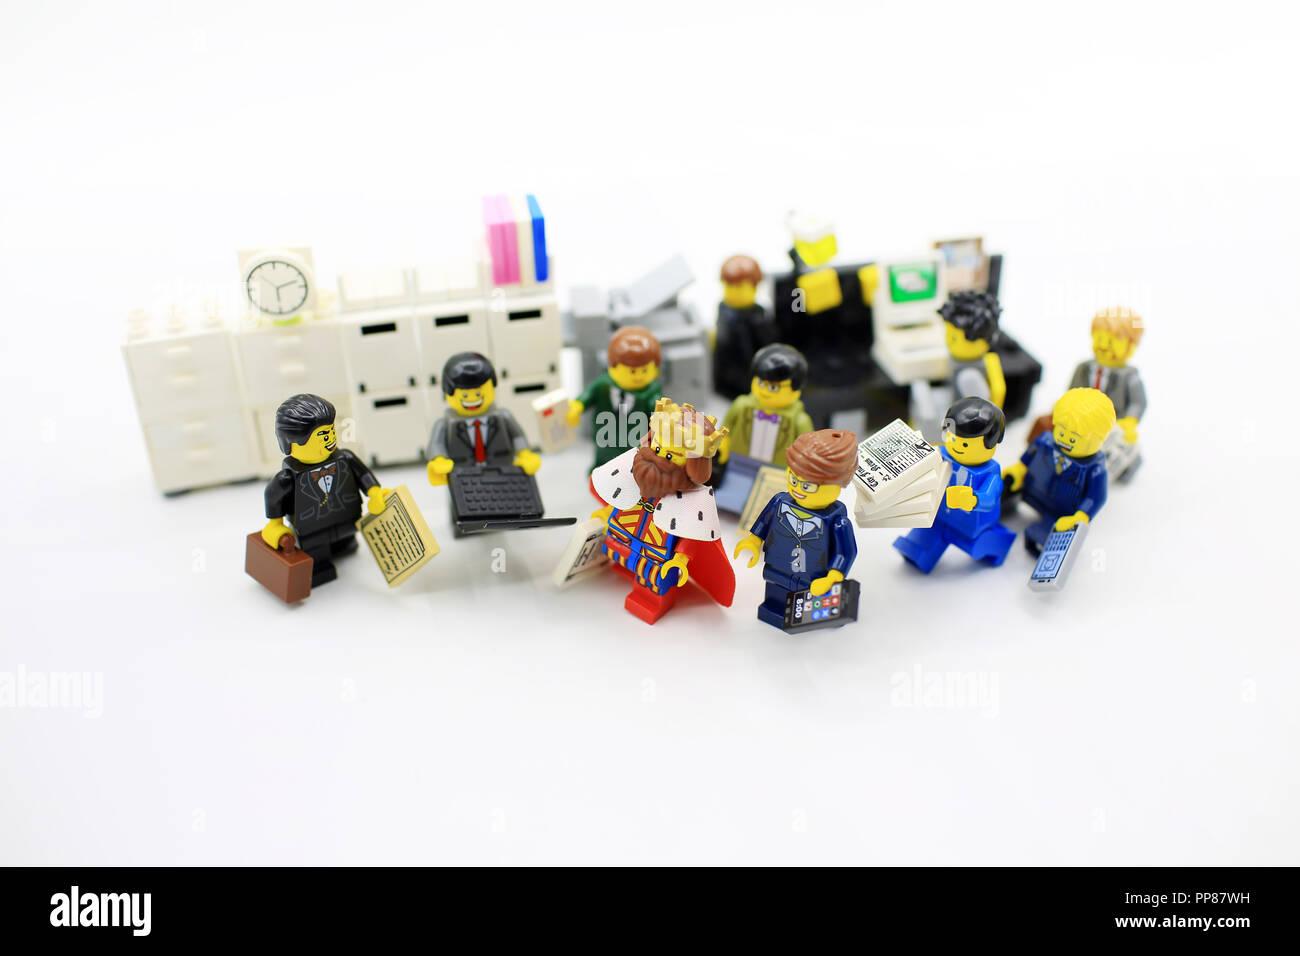 Lego mini figure 1 White brief case suit case town city